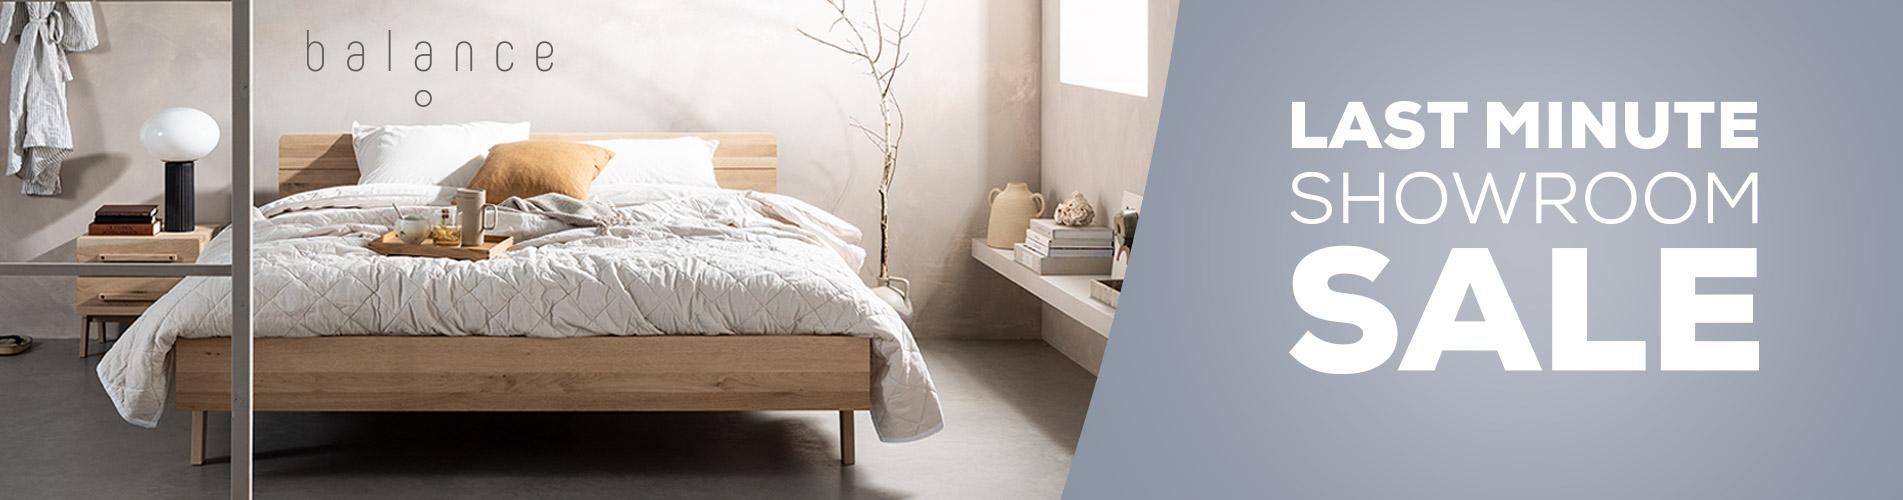 Balance Bedframes | Swiss Sense